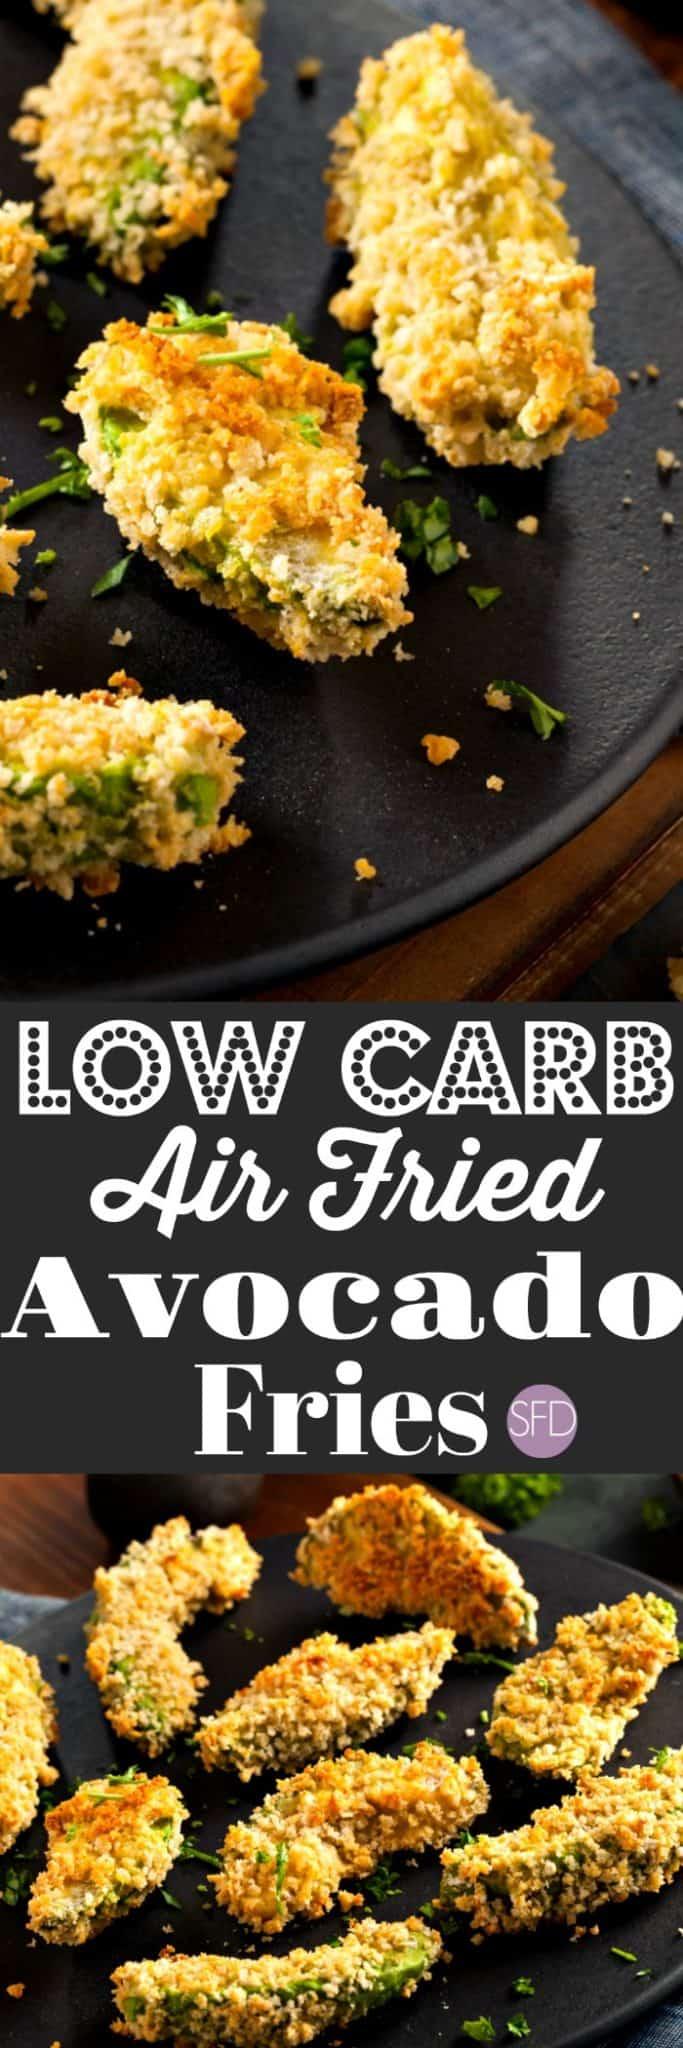 avocado-fries-low-carb